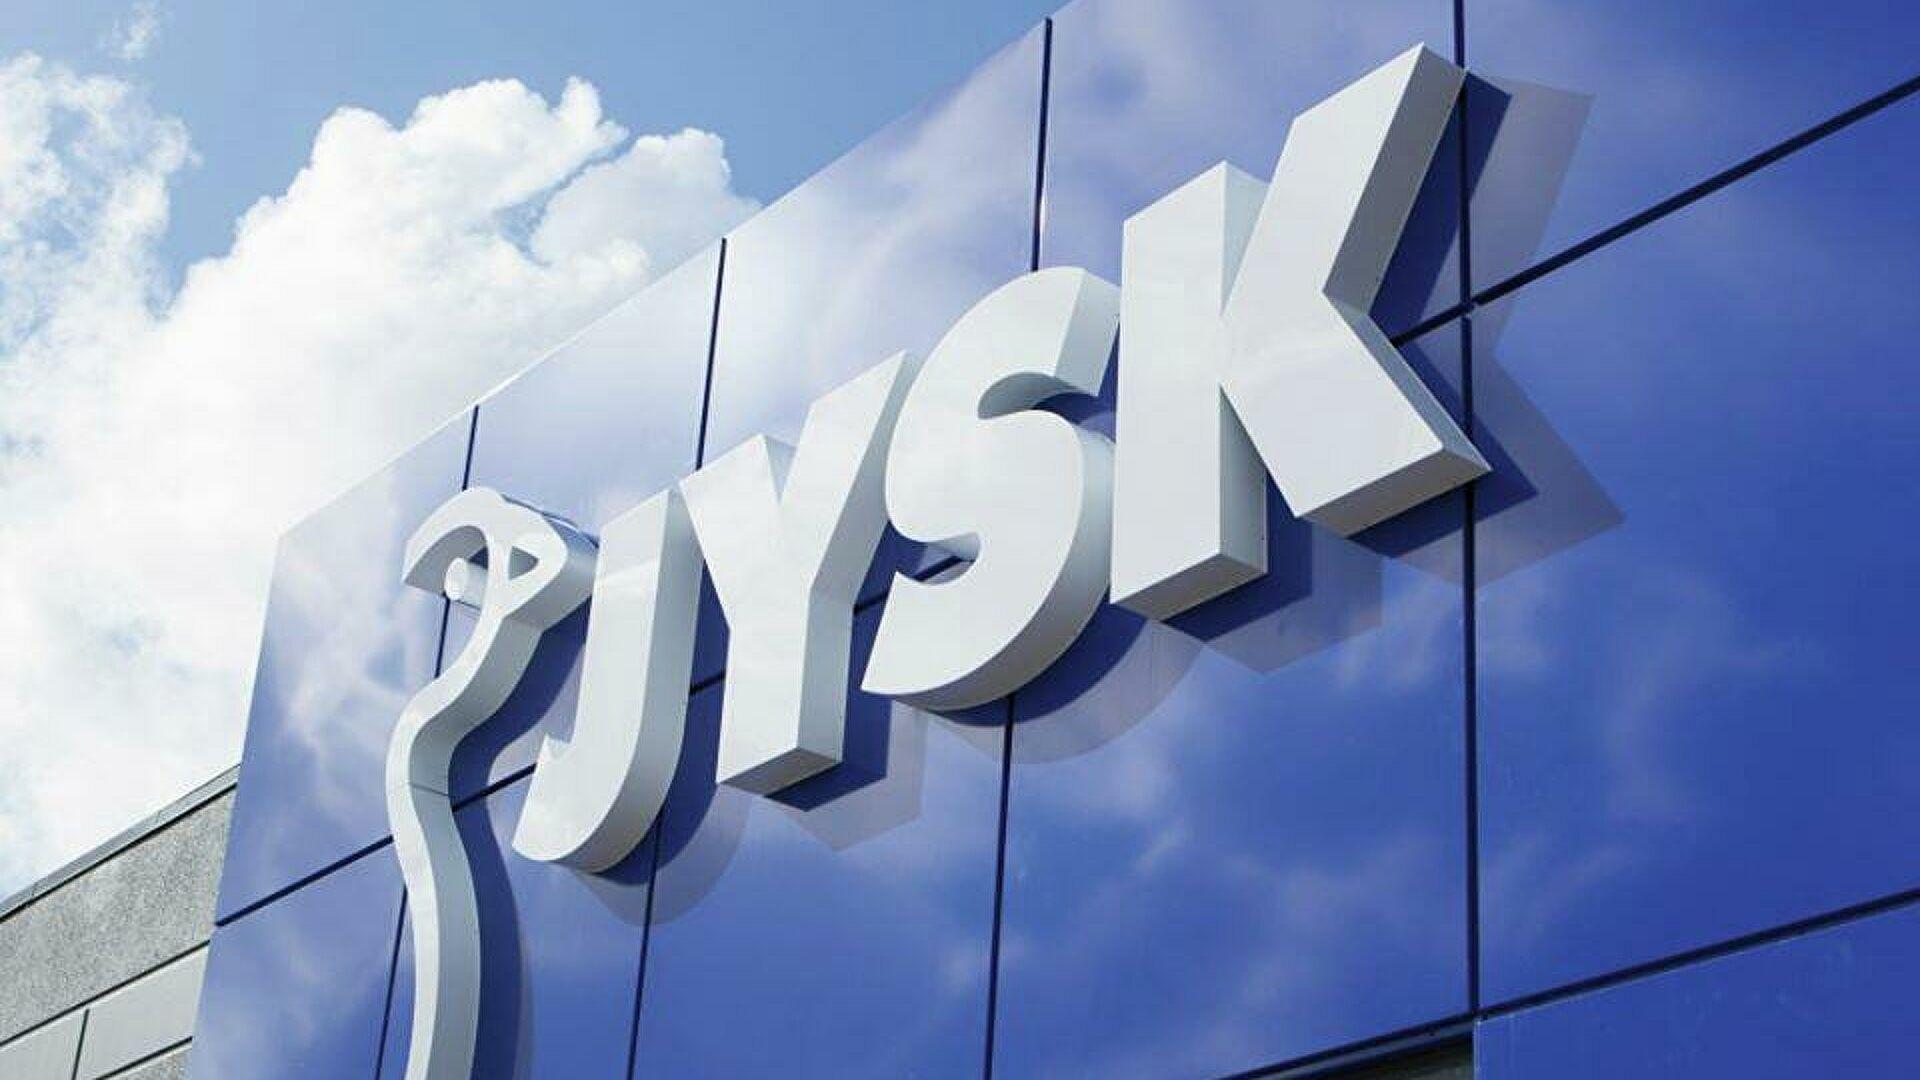 Датский конкурент IKEA задумался об открытии в РФ 200 магазинов JYSK